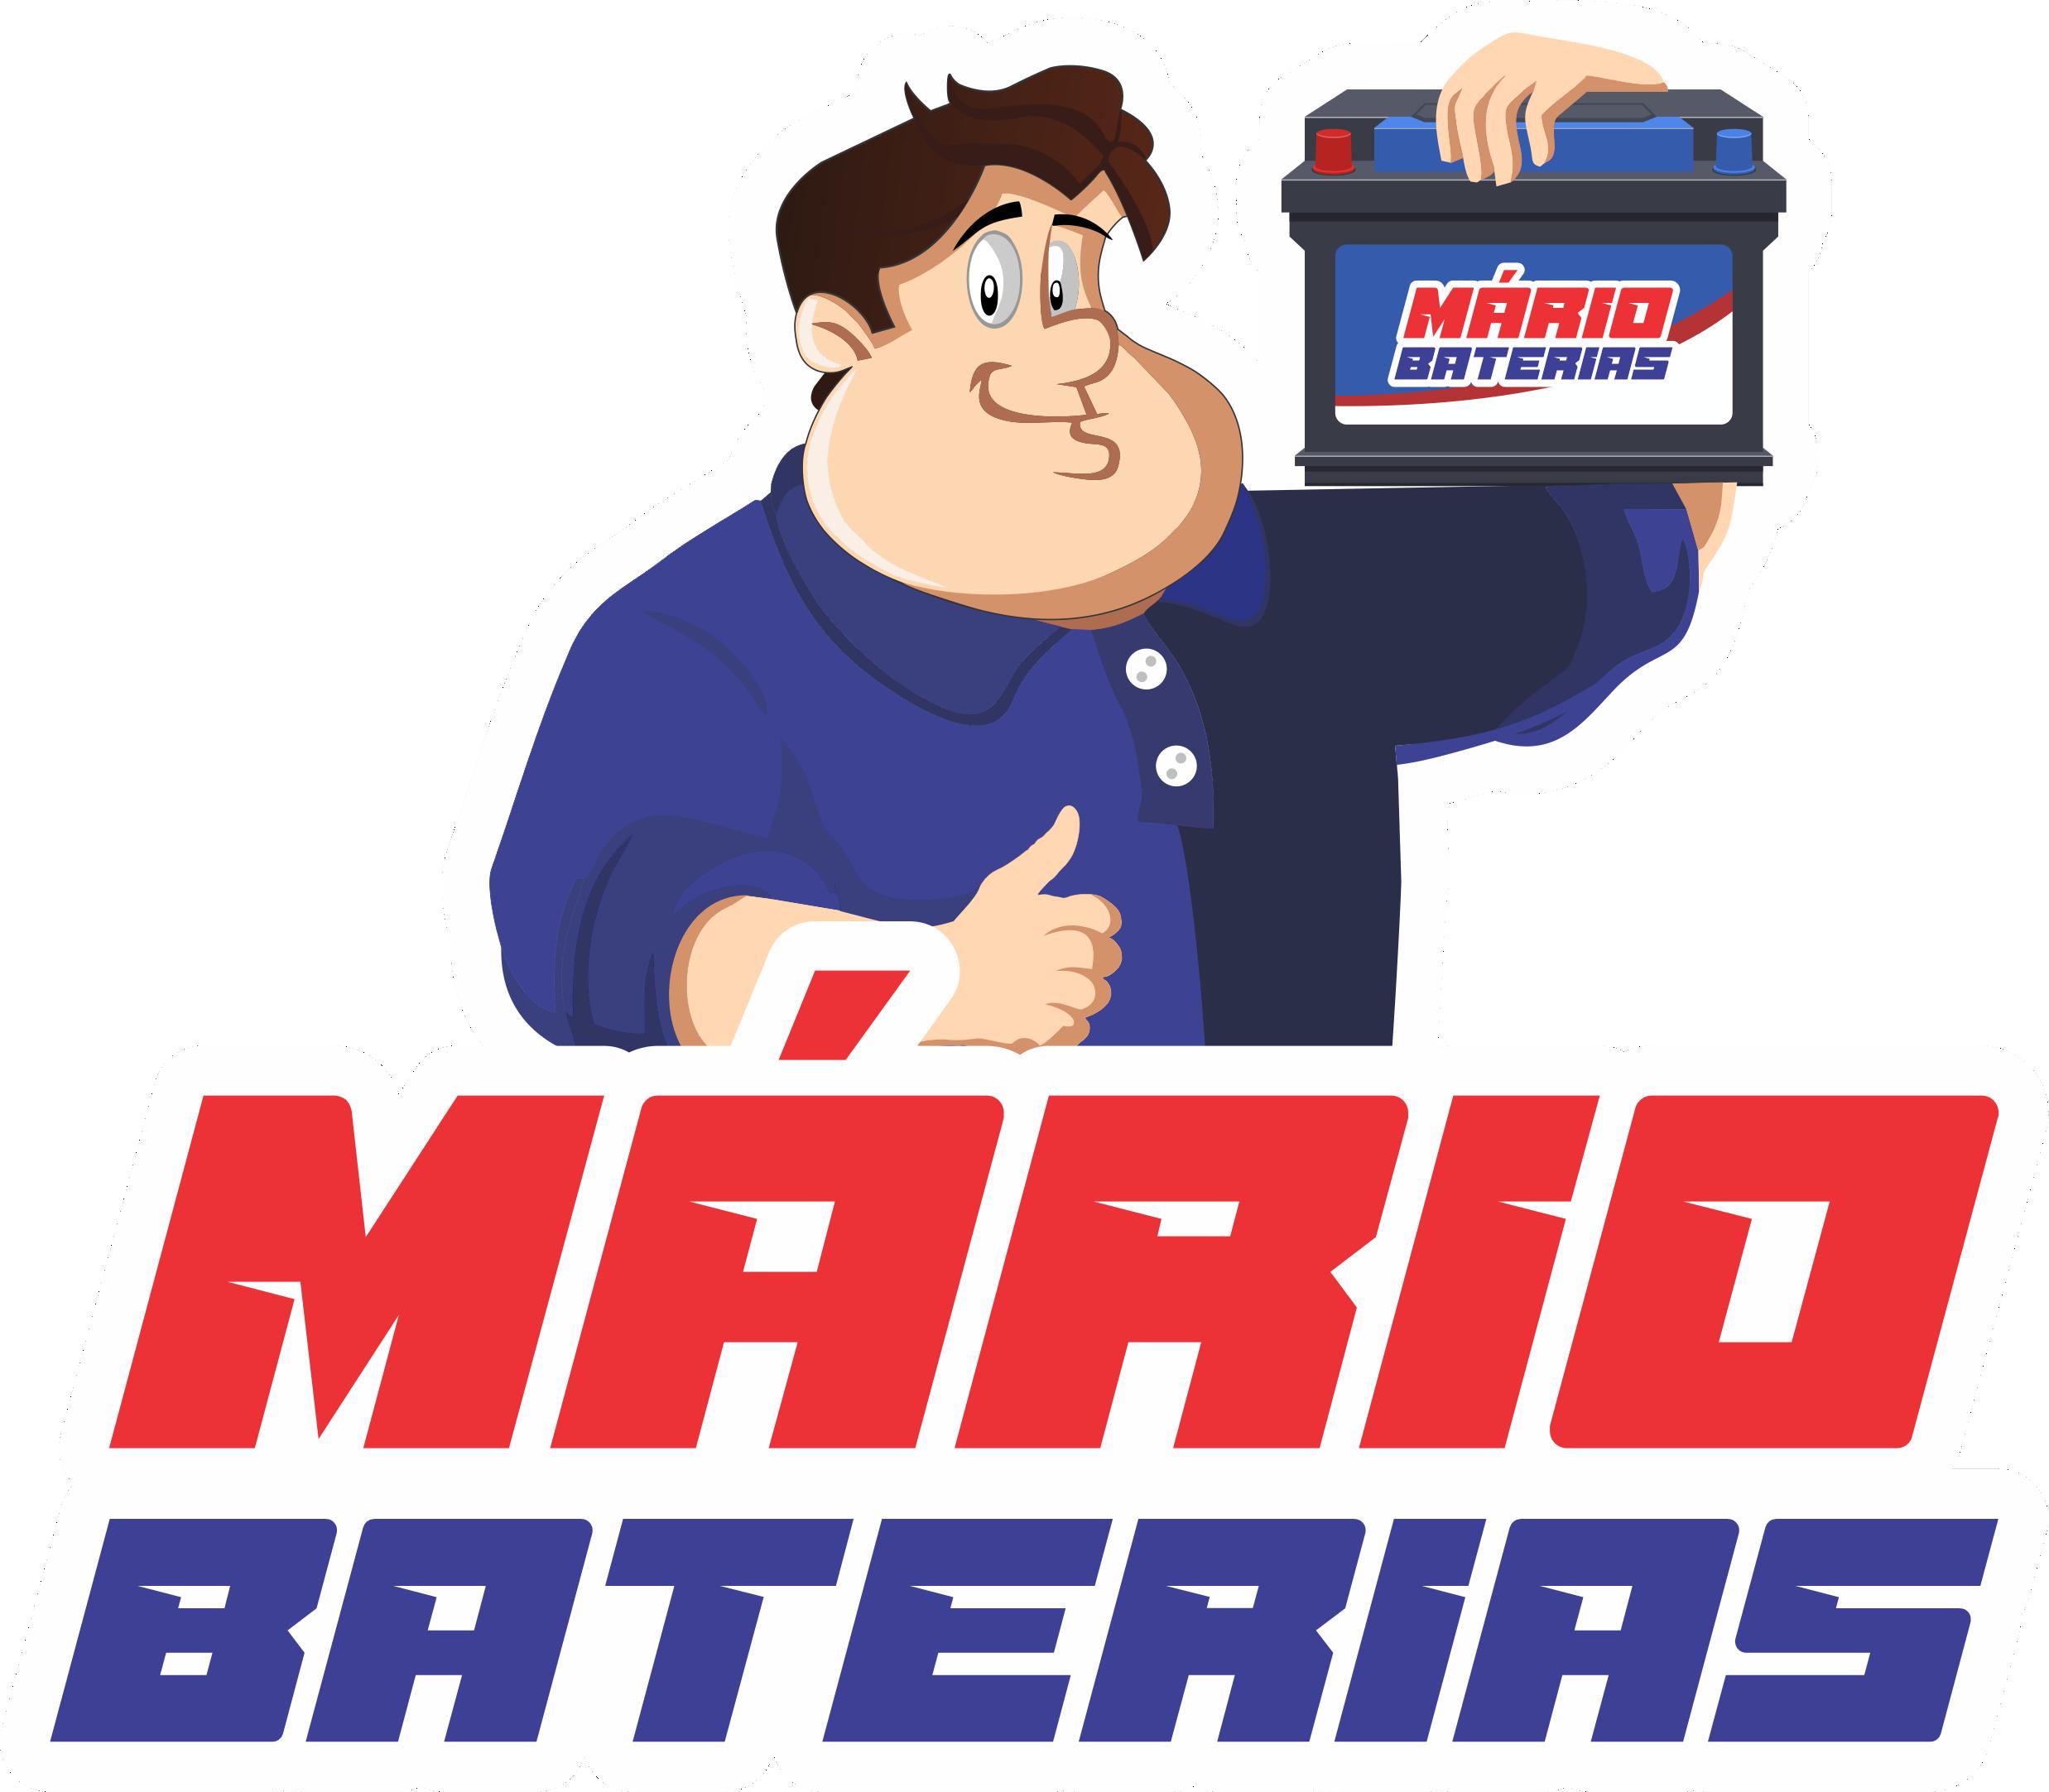 Mário Baterias